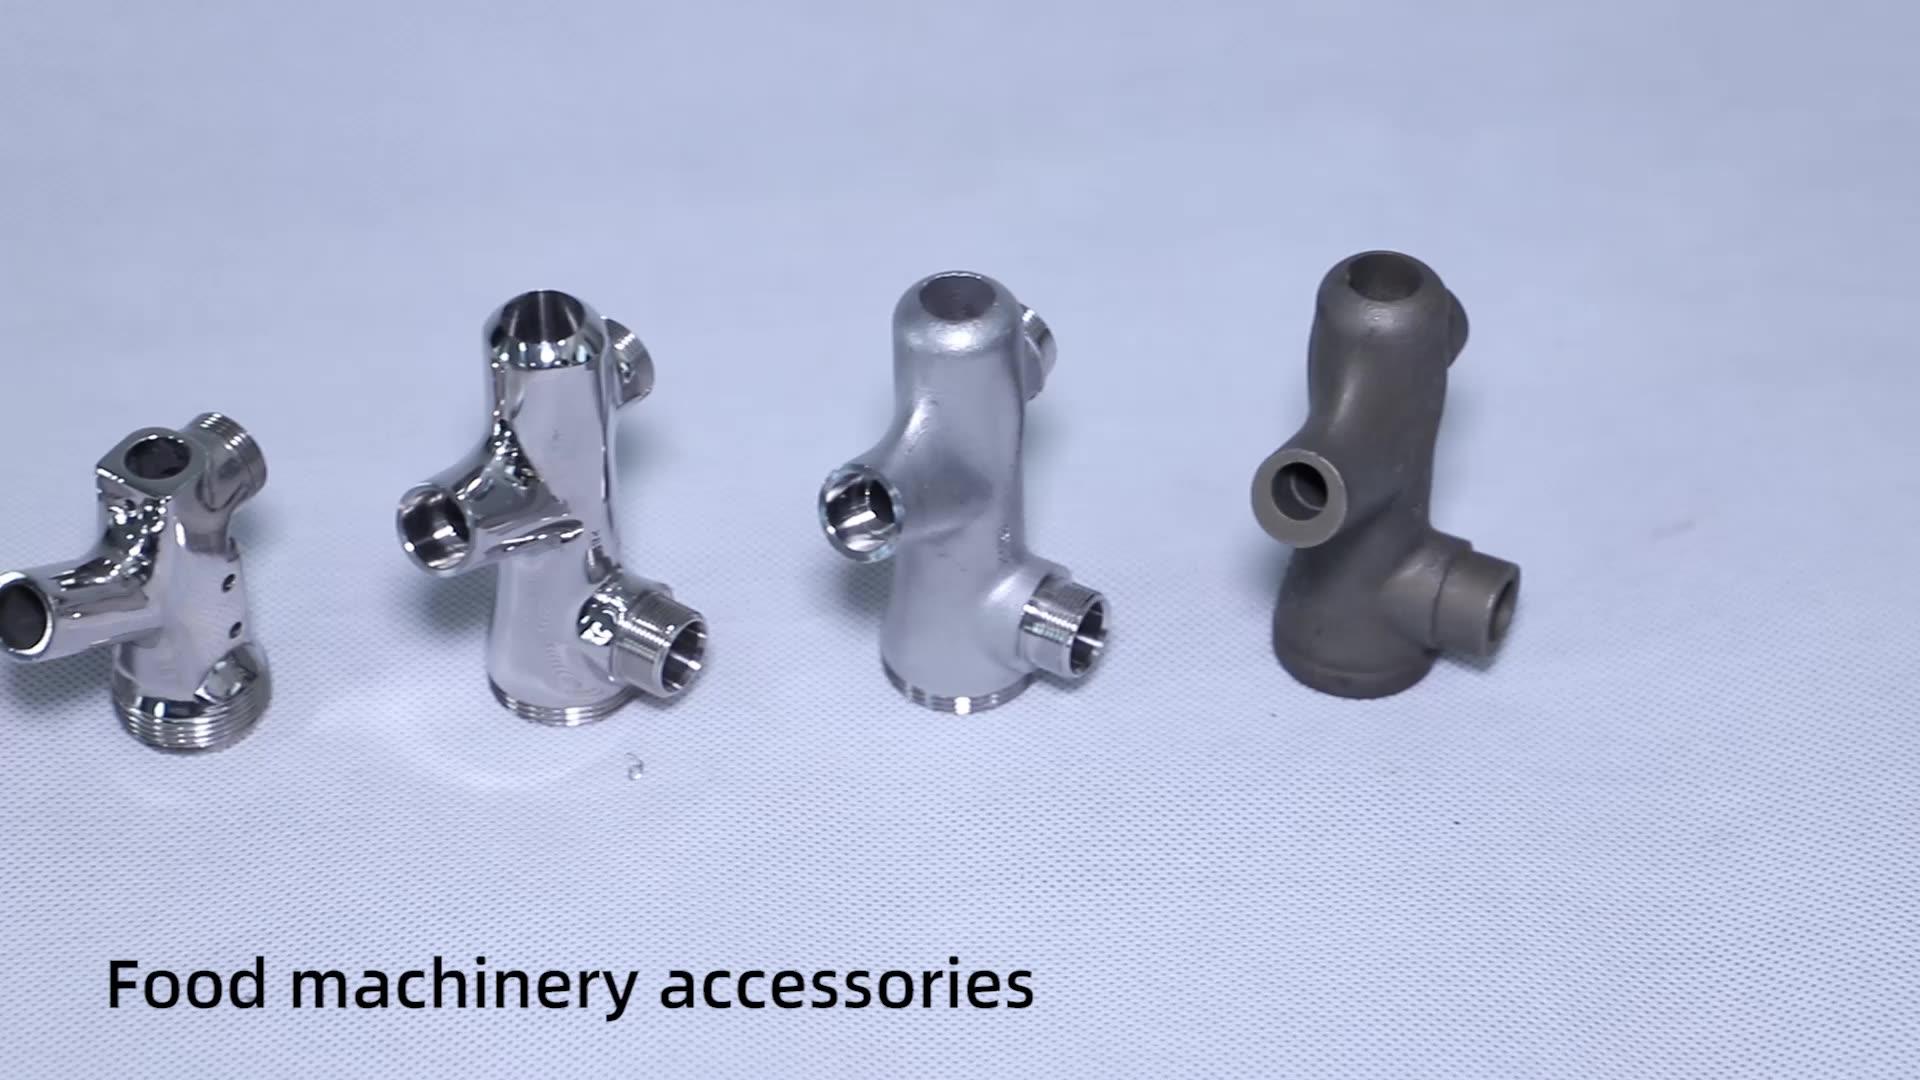 Hassas döküm cnc makinesi paslanmaz çelik bira musluk gıda makinesi parçaları